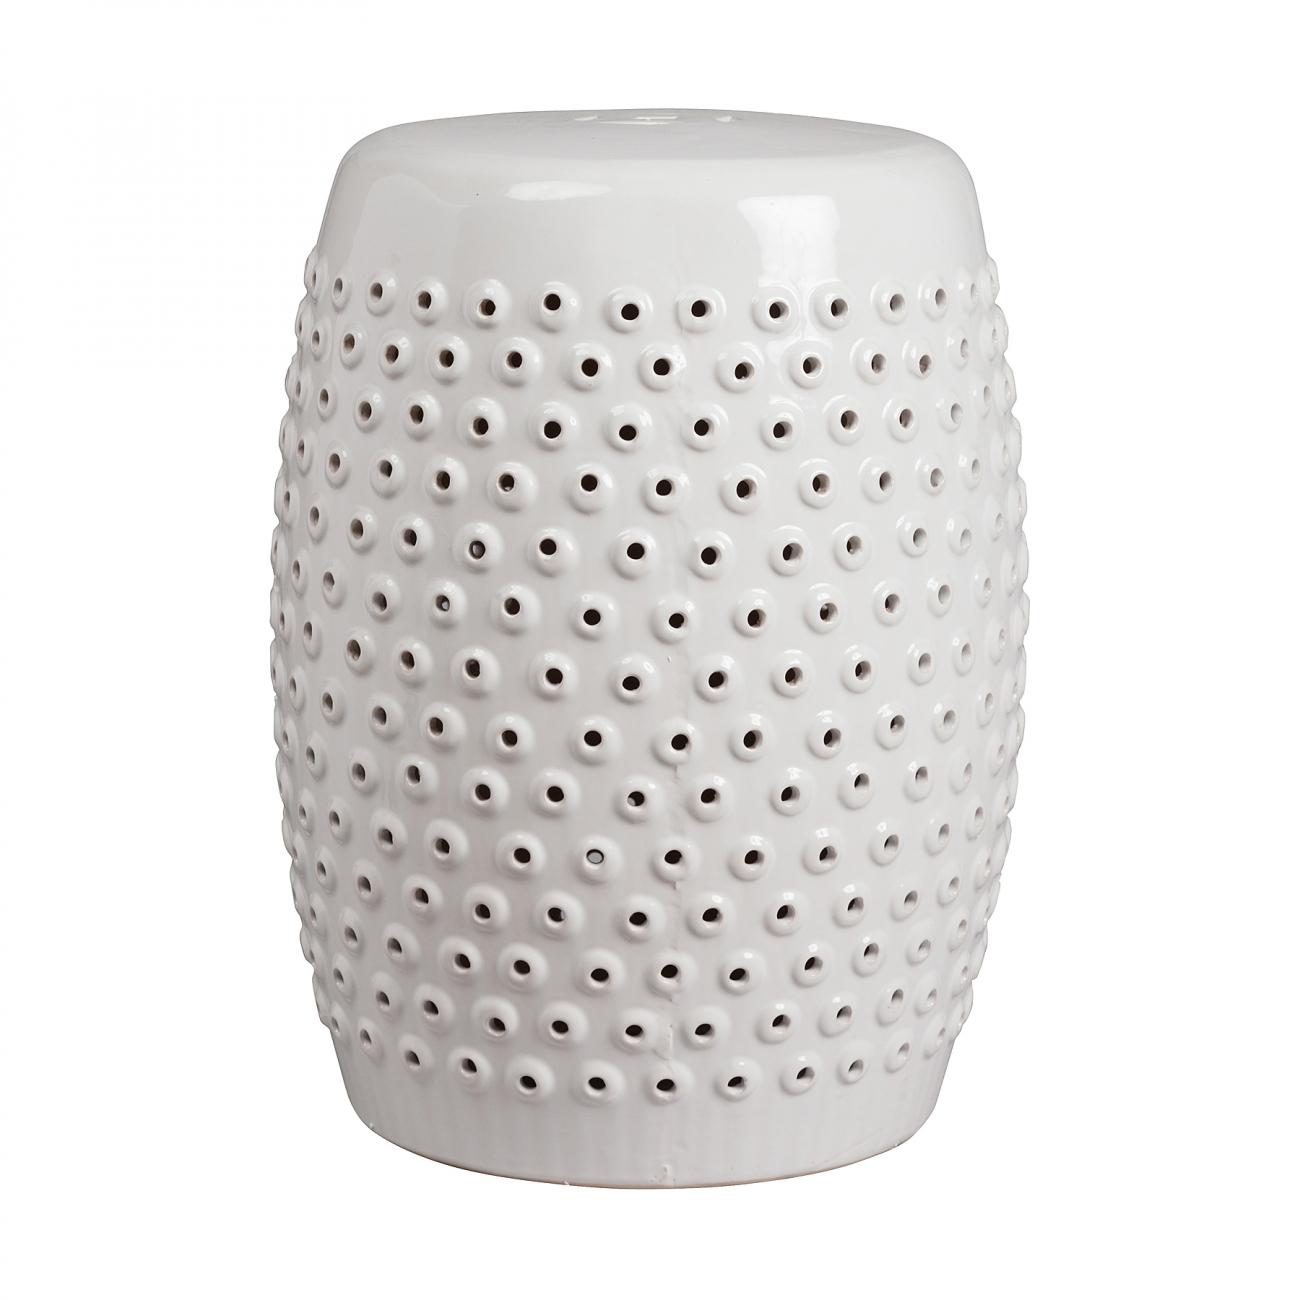 Купить Керамический столик-табурет Cutwork Garden Stool Белый в интернет магазине дизайнерской мебели и аксессуаров для дома и дачи